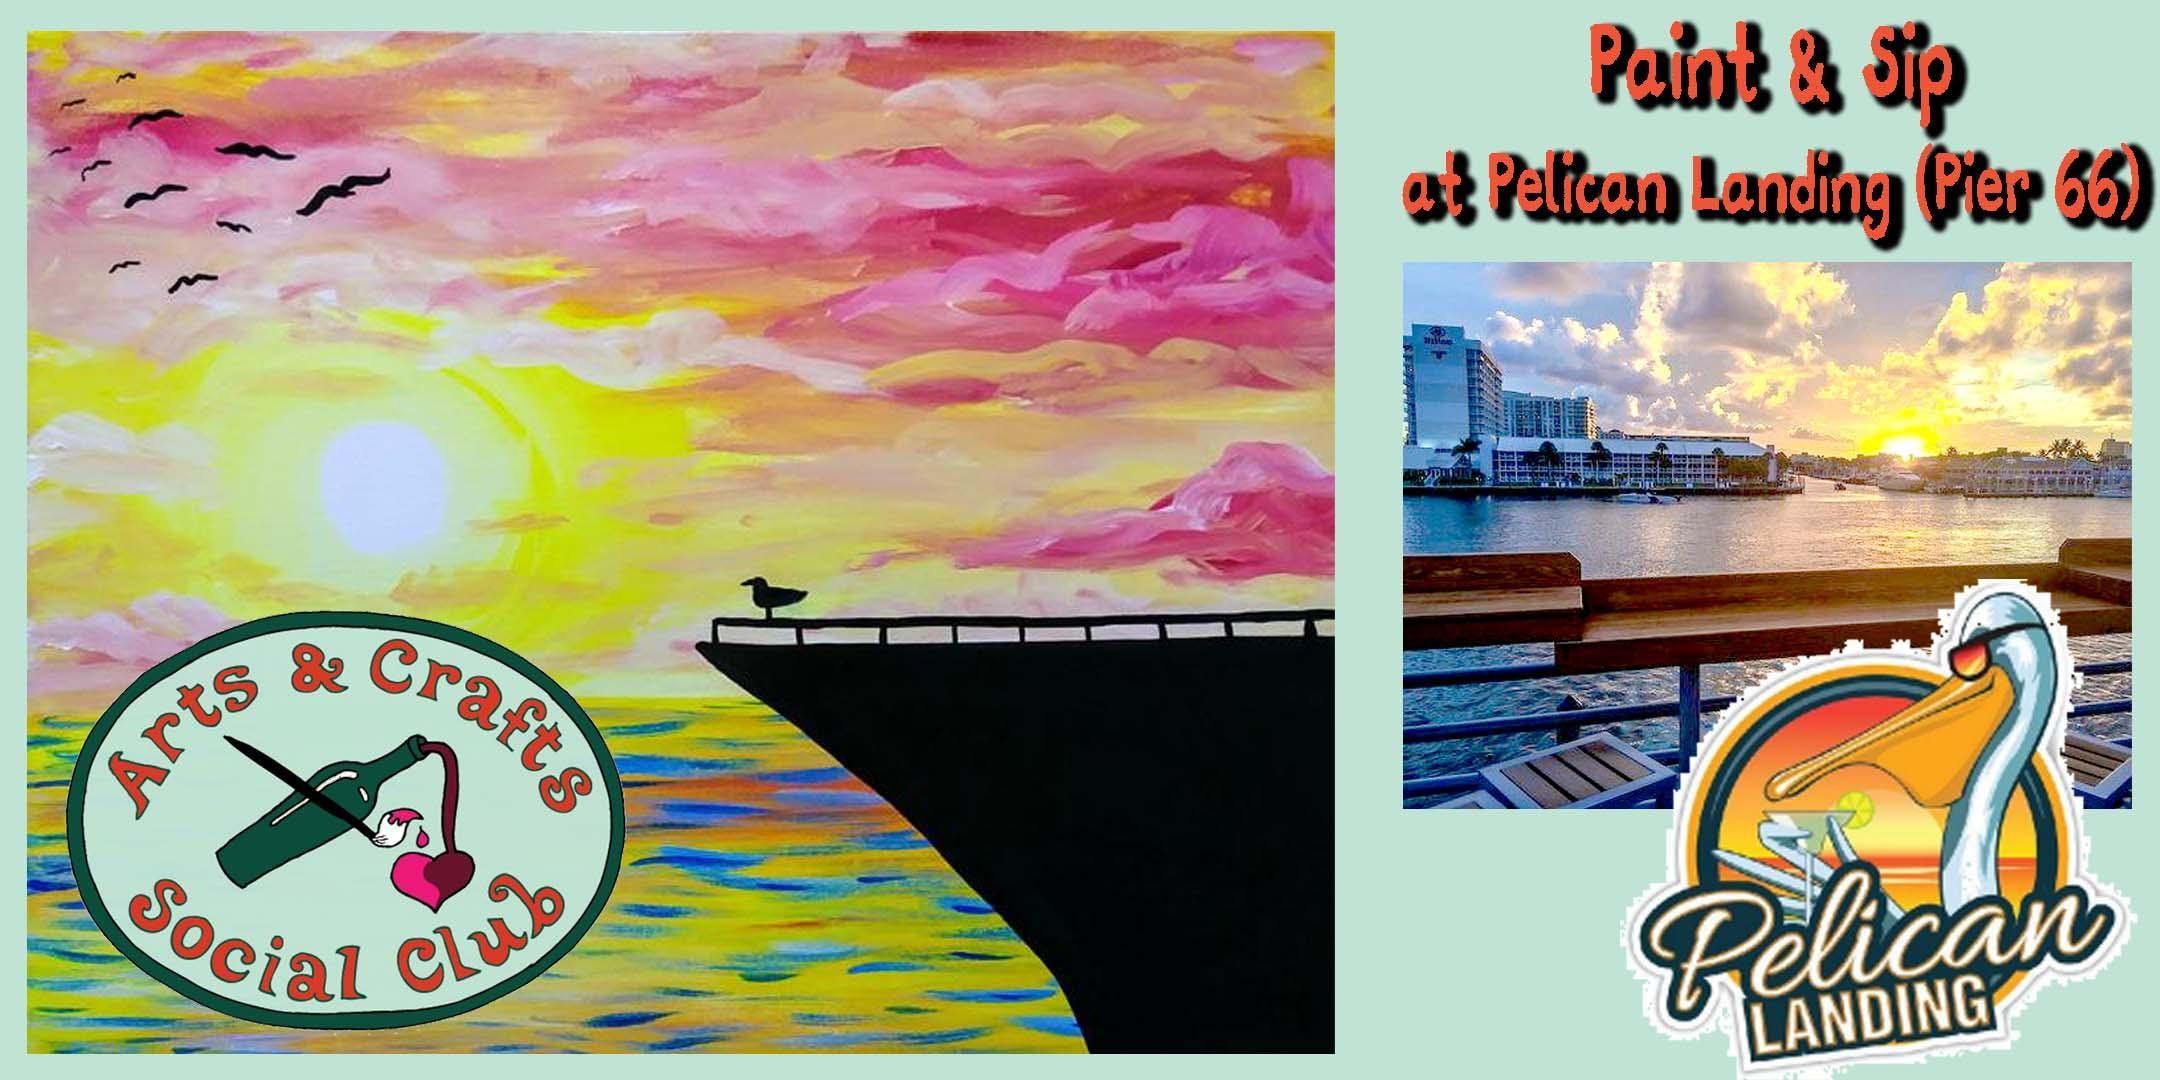 Paint & Sip OFFSITE at Pelican Landing (Pier